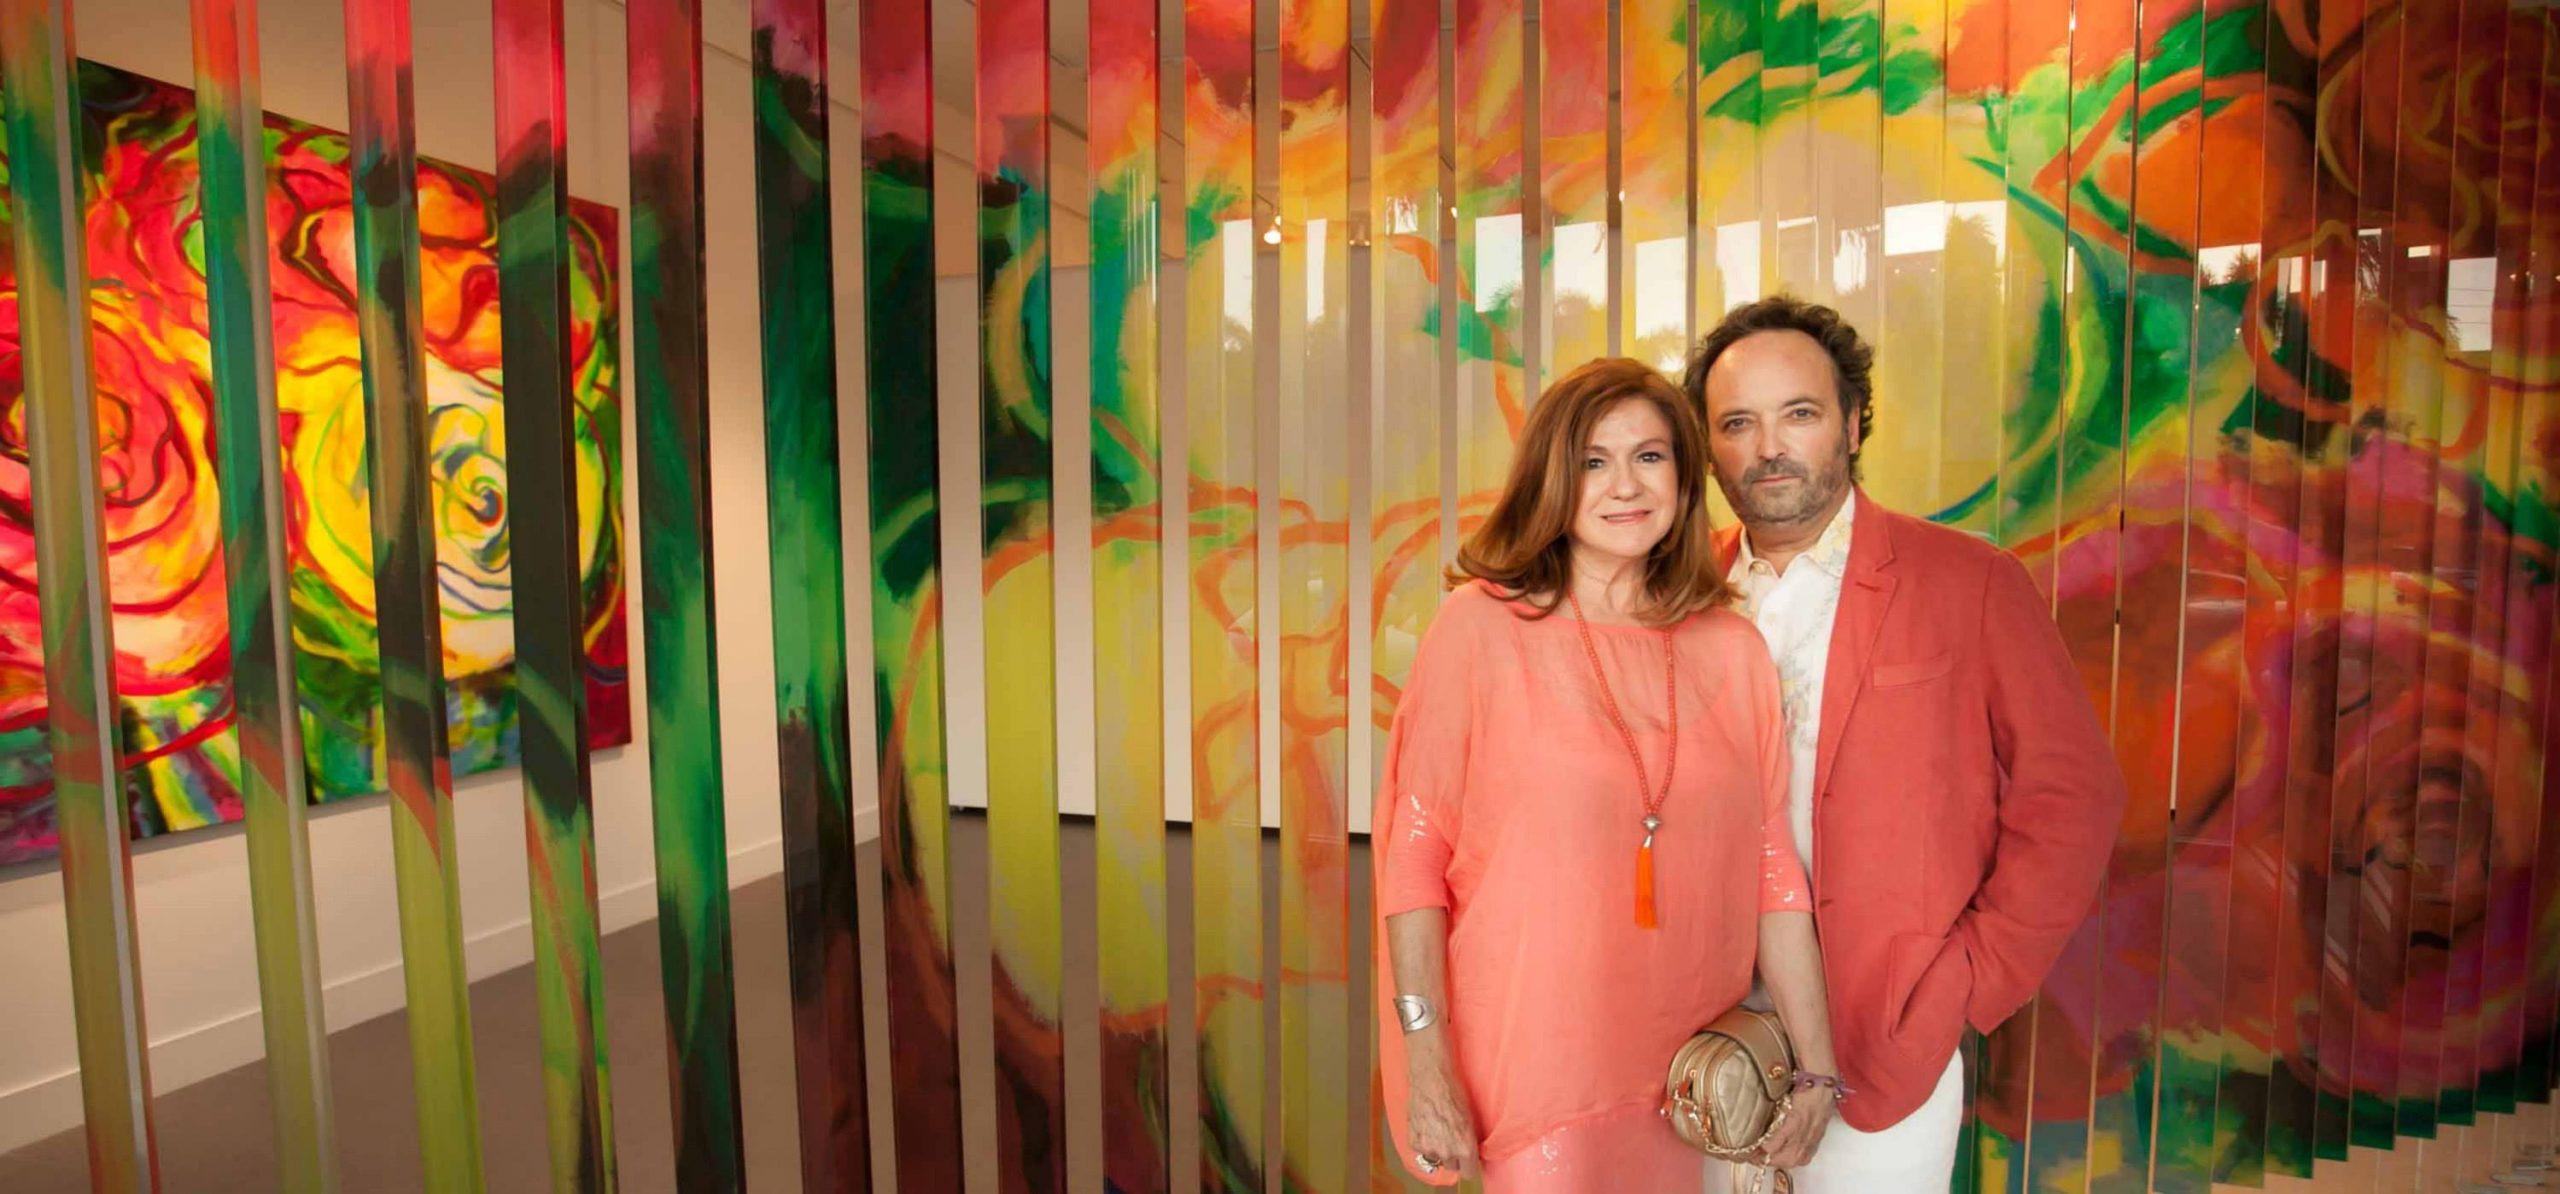 Manuel Herrera y Francisca Muñoz, MUHER expusieron en The Americas Collection en MIAMI